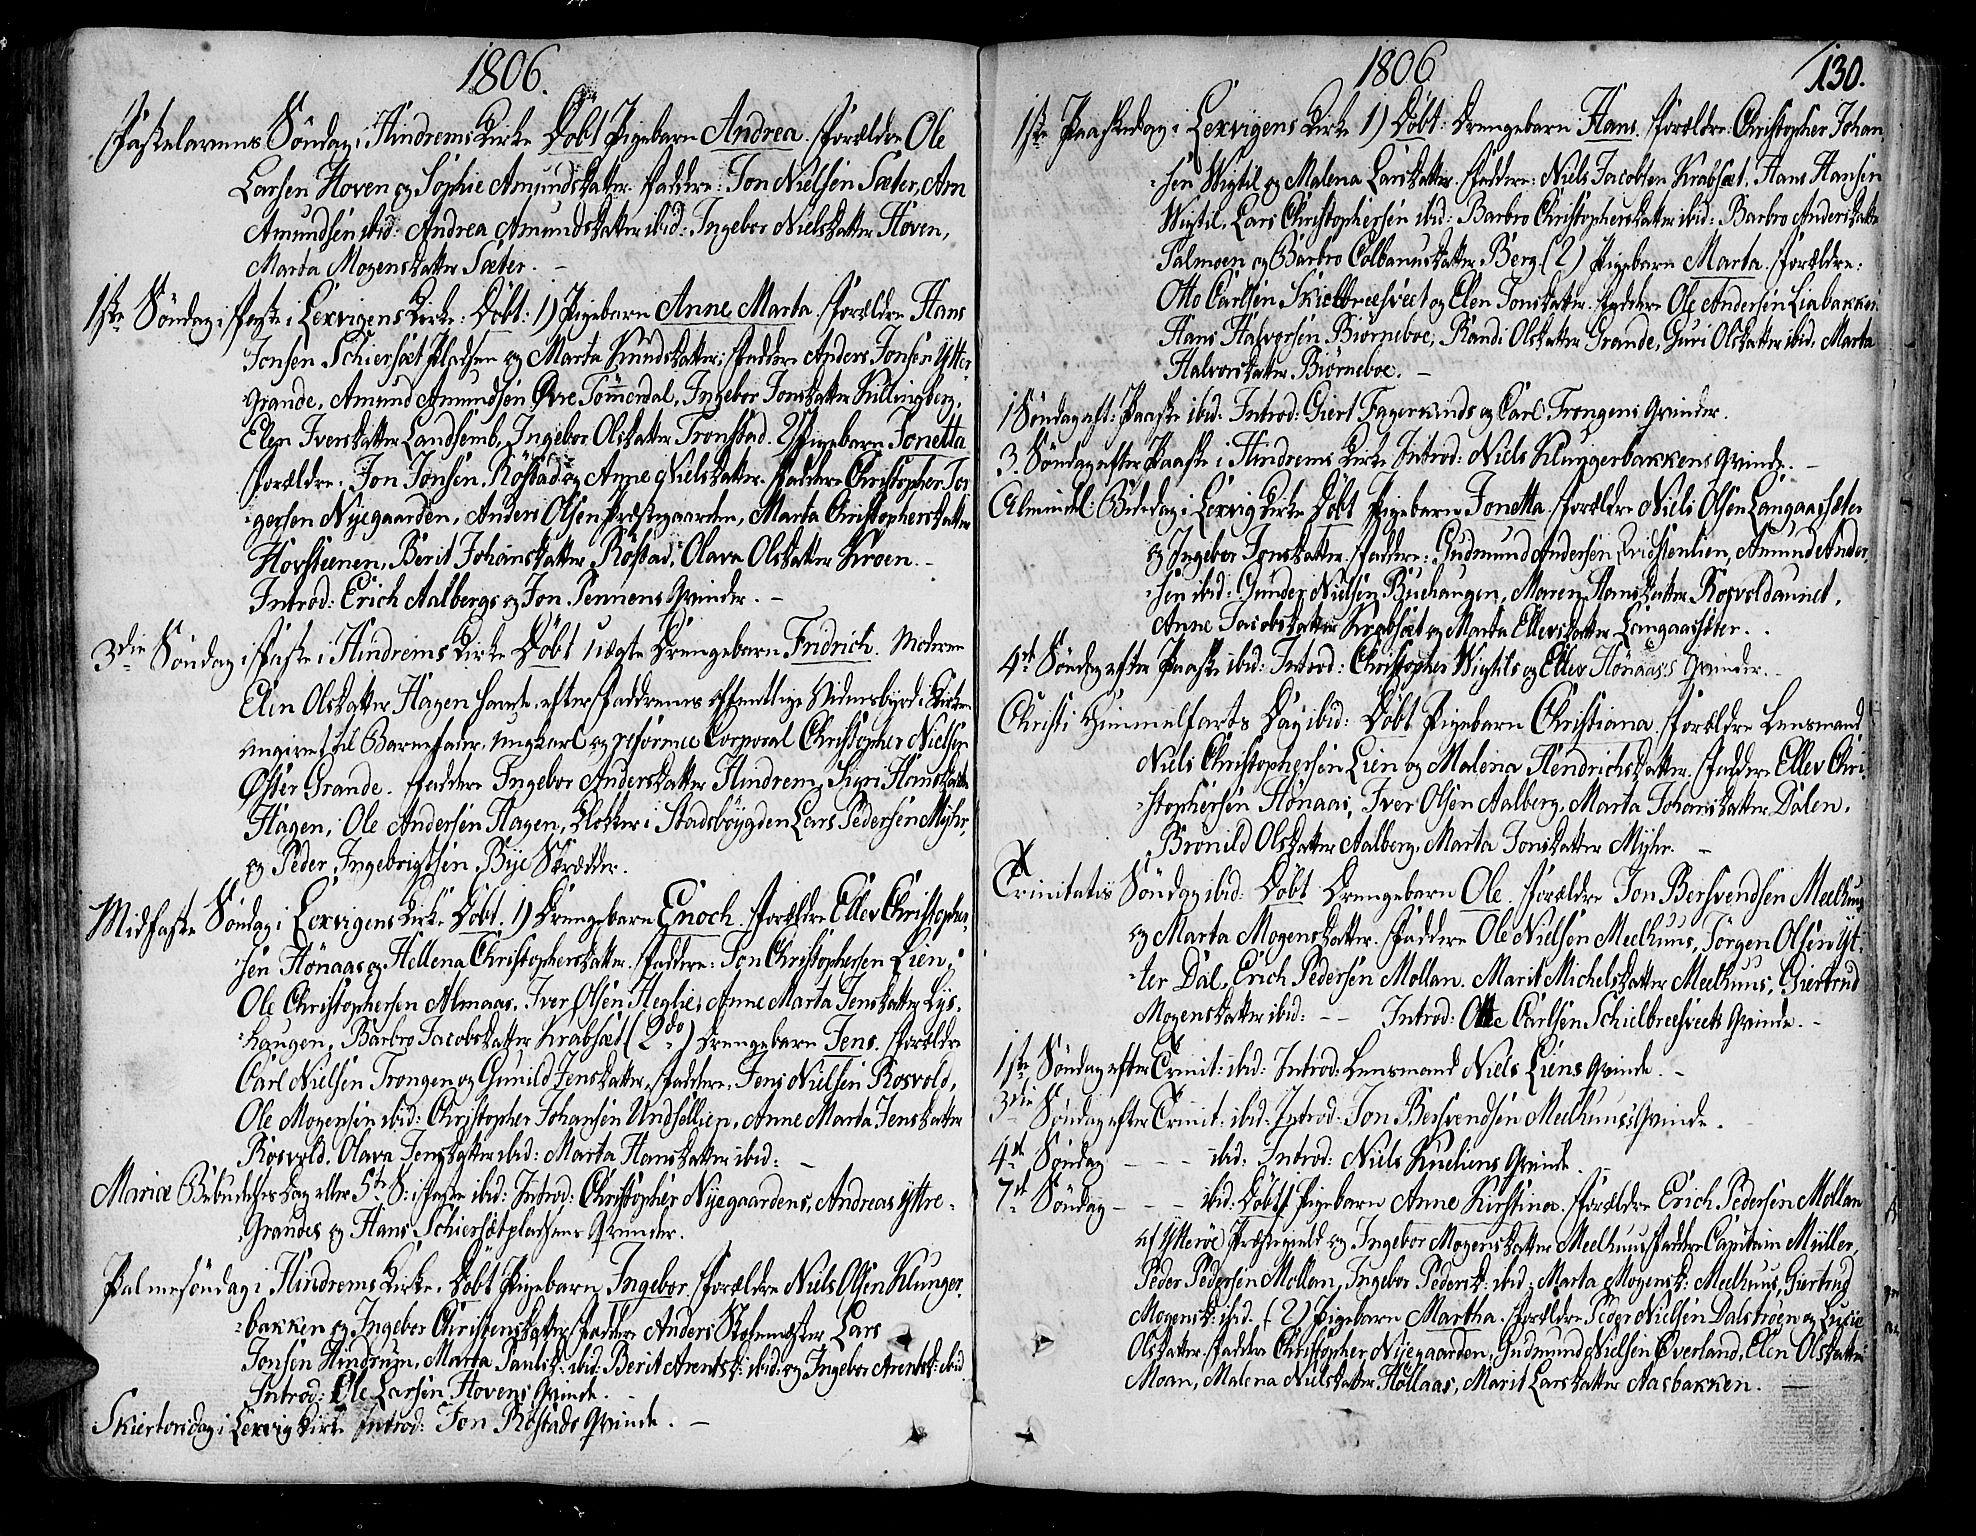 SAT, Ministerialprotokoller, klokkerbøker og fødselsregistre - Nord-Trøndelag, 701/L0004: Ministerialbok nr. 701A04, 1783-1816, s. 130